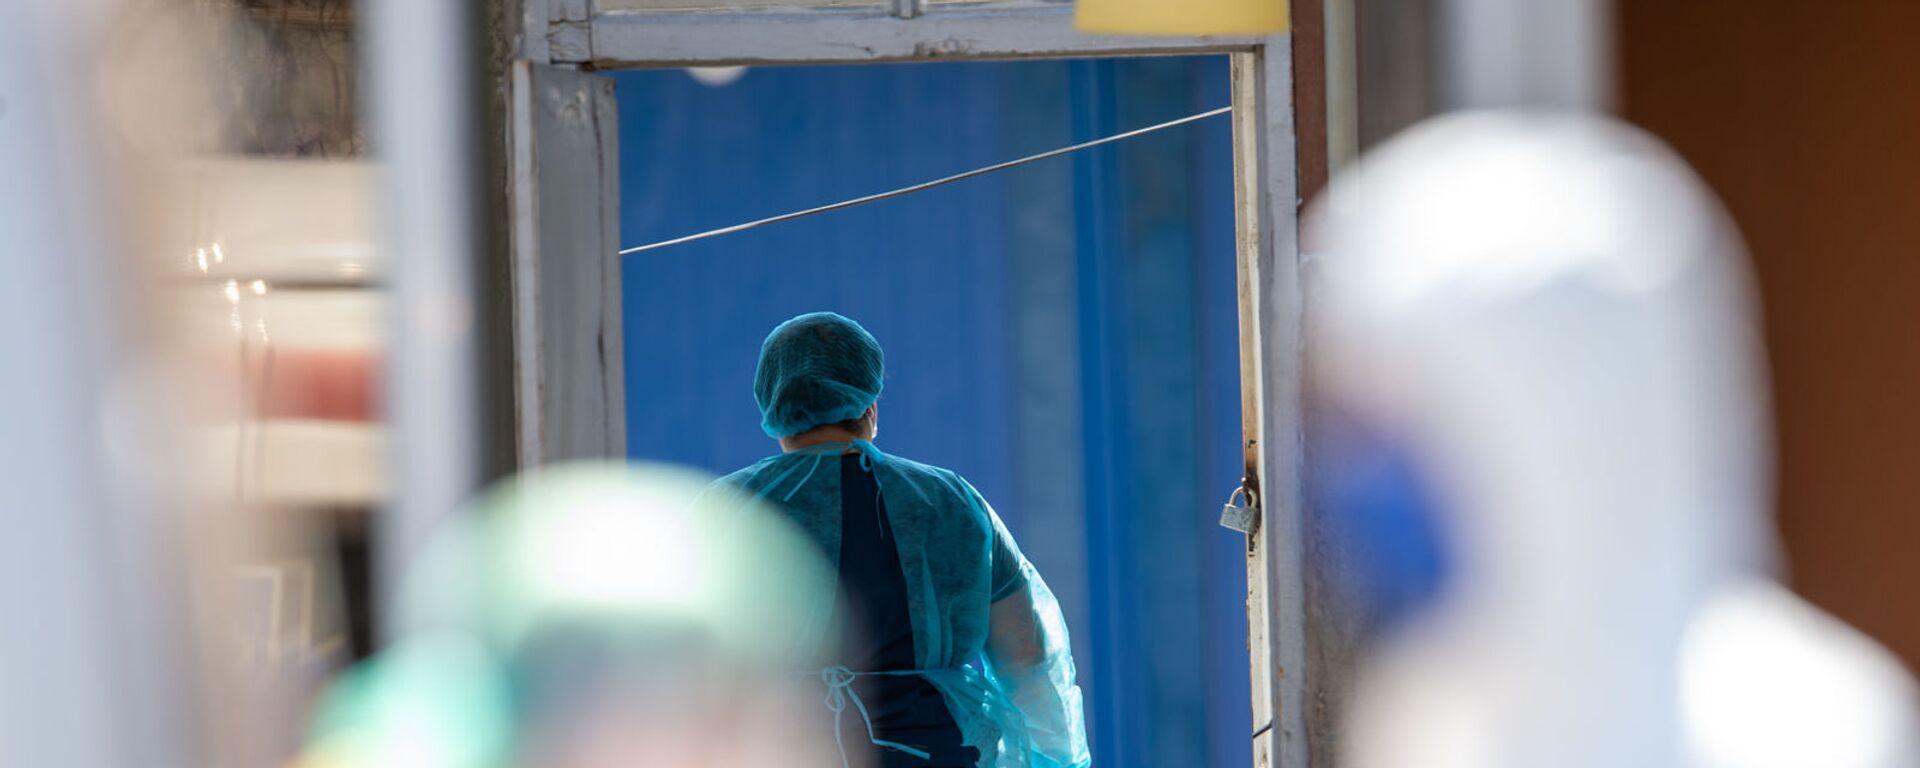 Медицинский персонал инфекционной больницы Норк - Sputnik Արմենիա, 1920, 04.08.2021